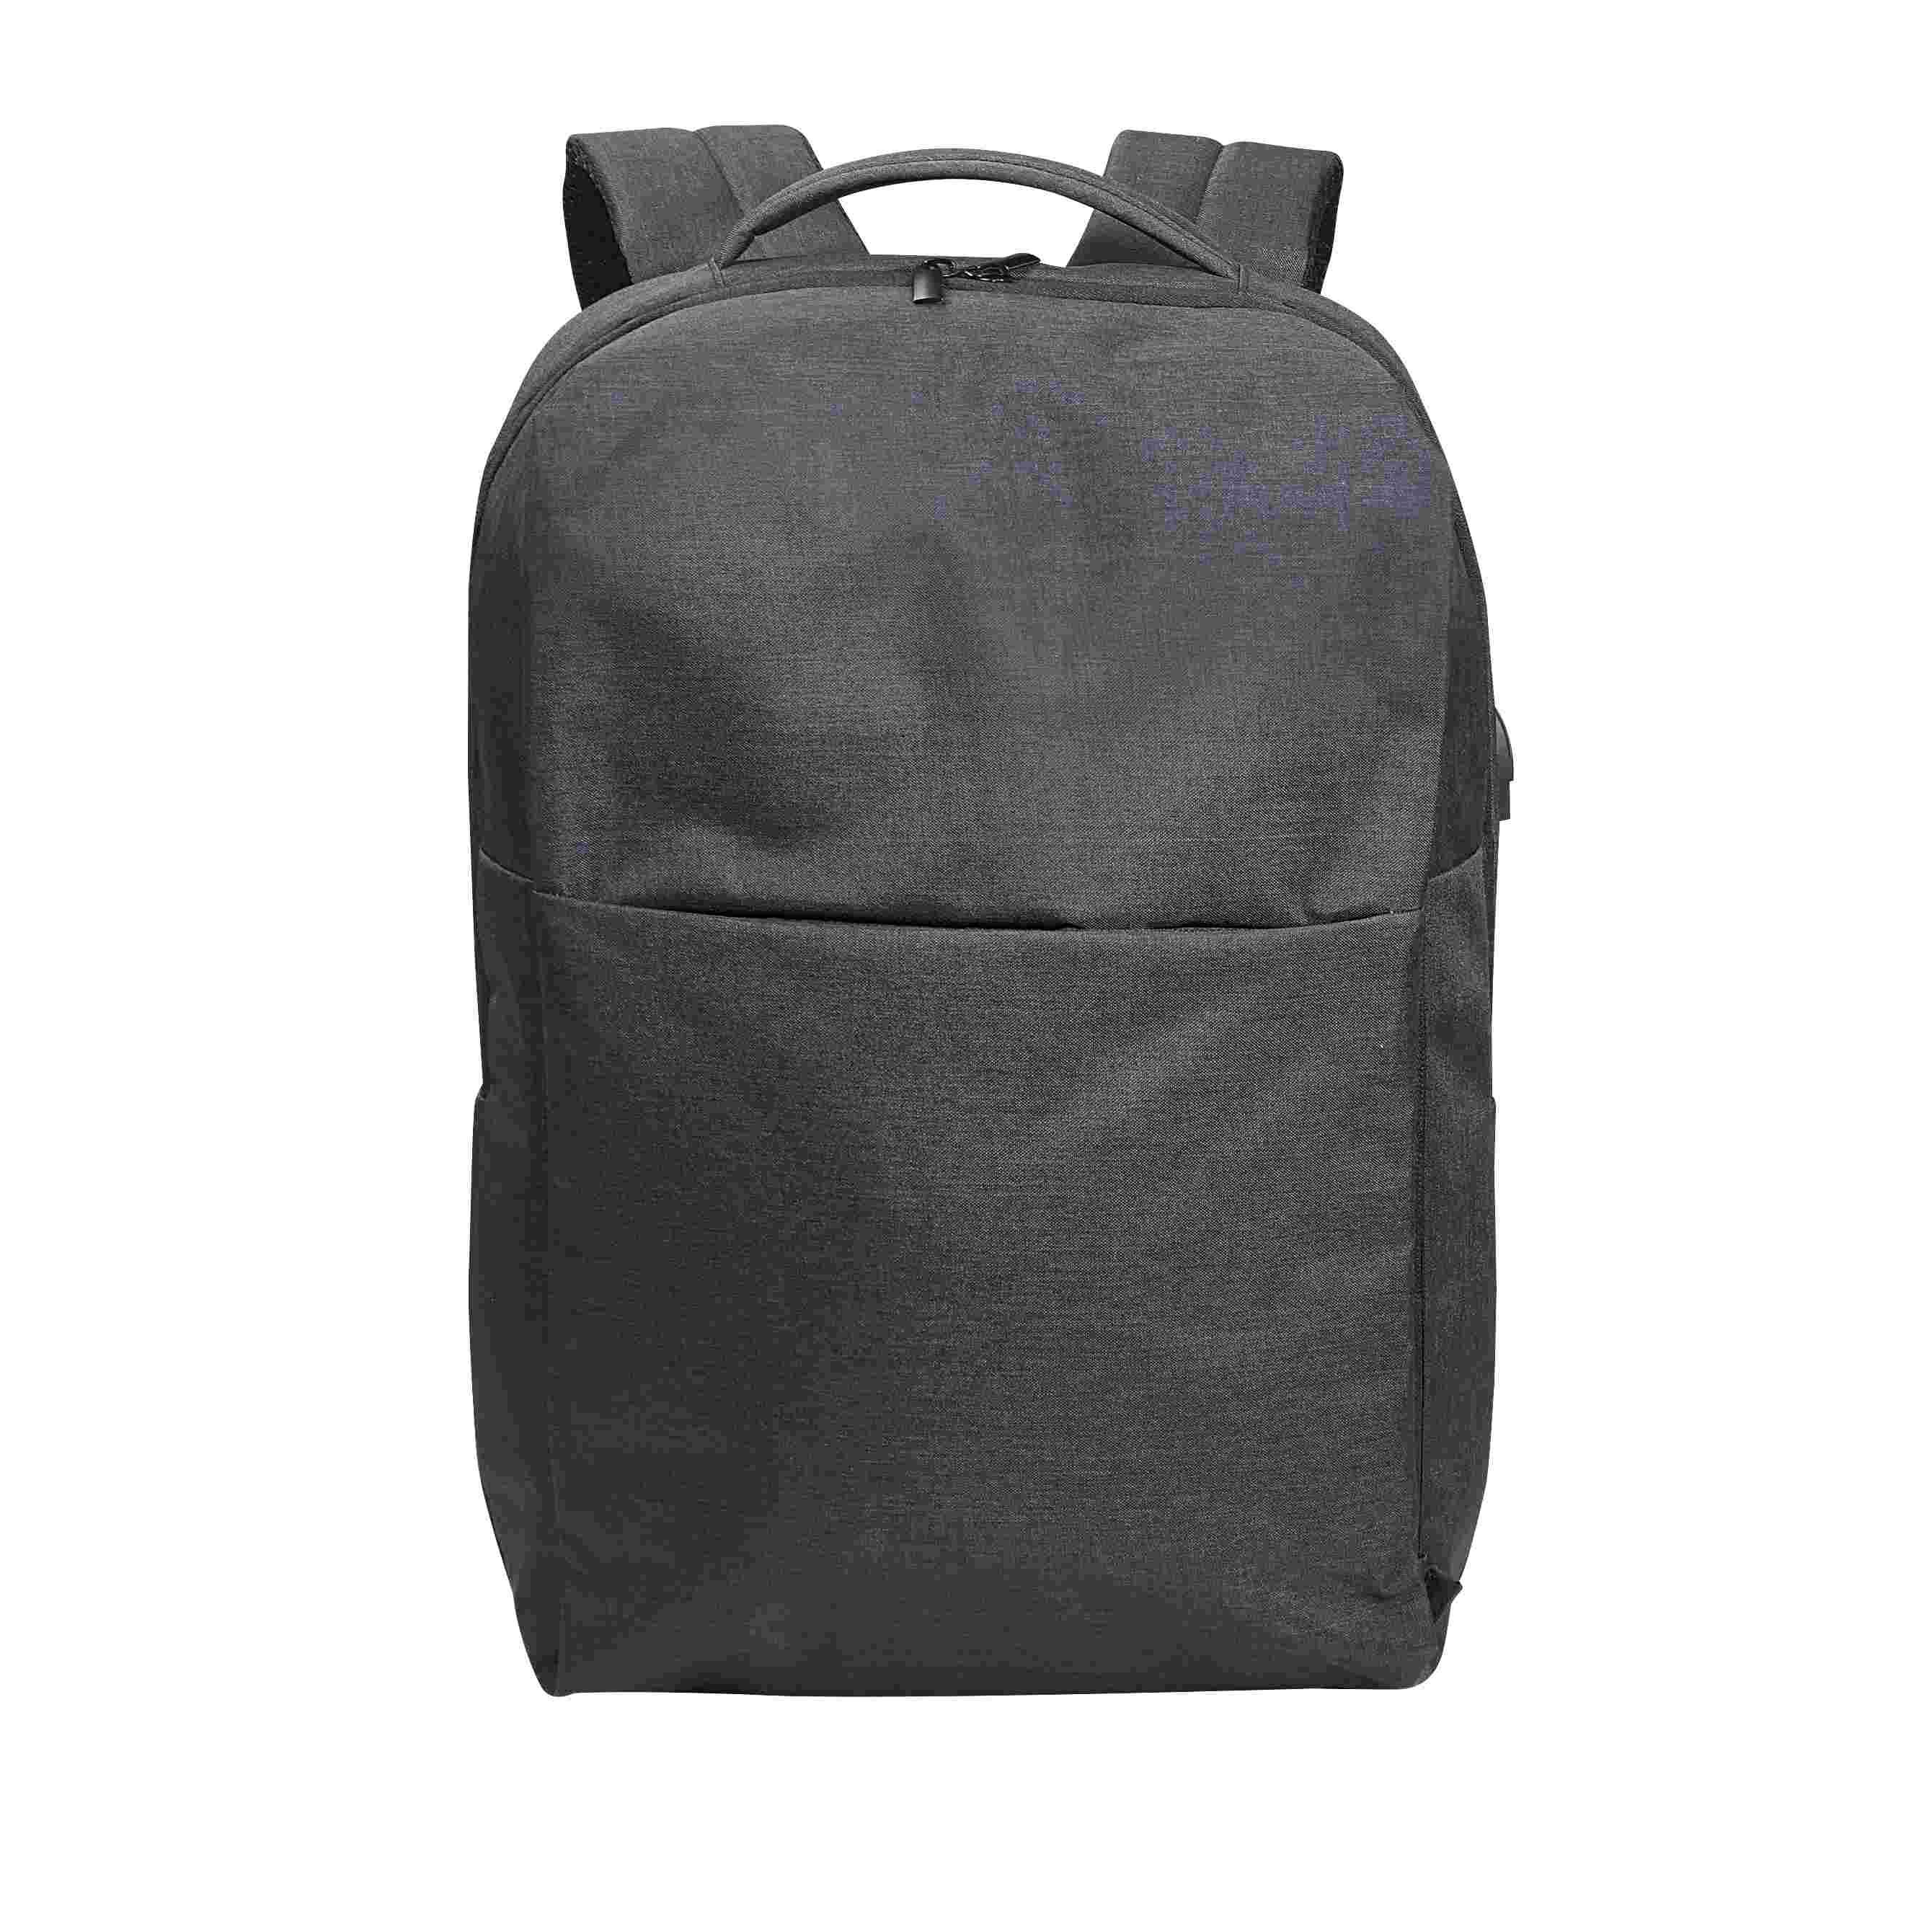 Sac à dos ordinateur personnalisable et USB PACKLINK - bagage publicitaire